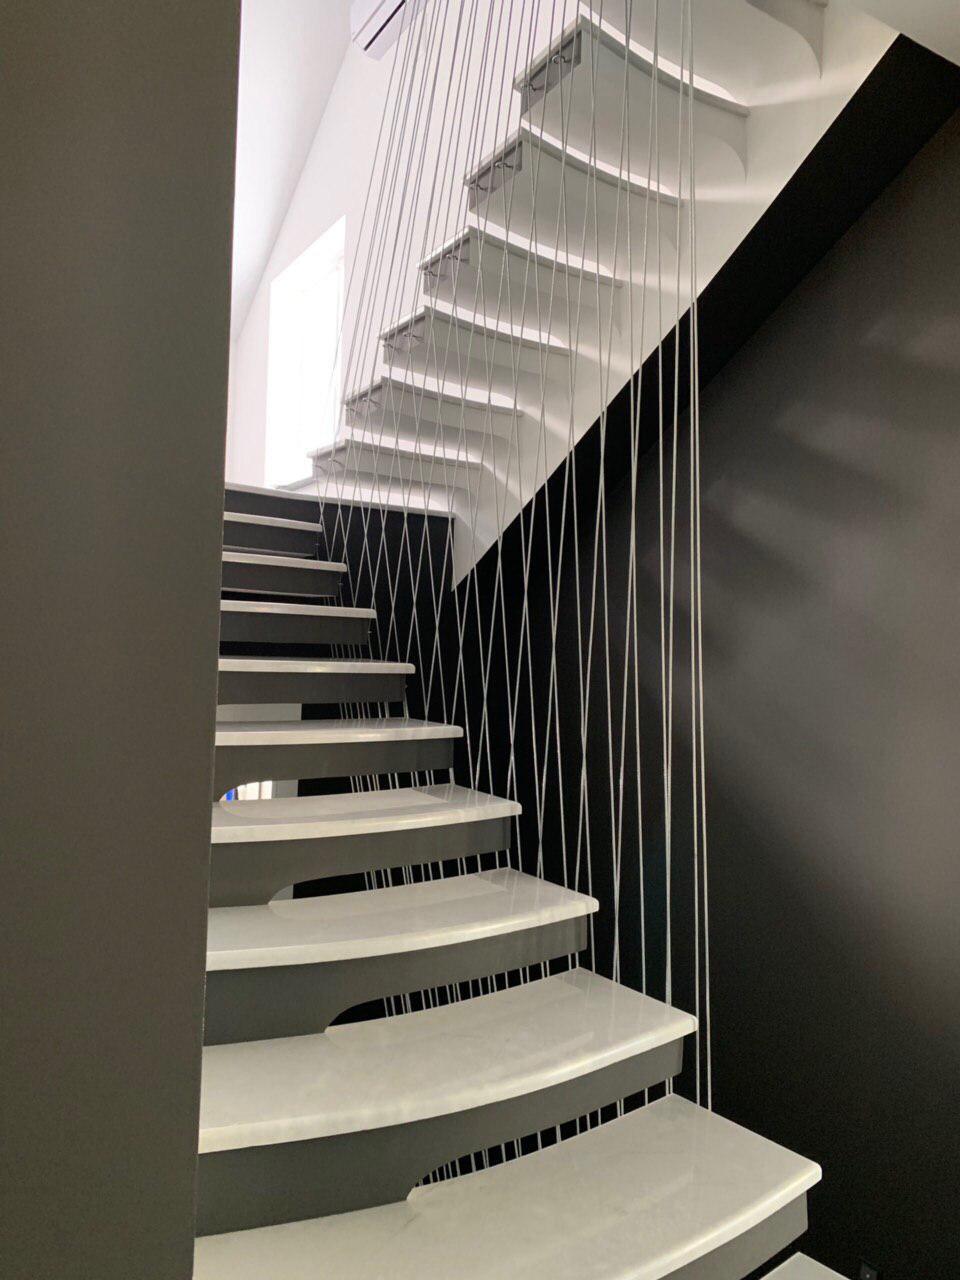 Сходи конструкції пристінний косоур з форменими ступенями 2